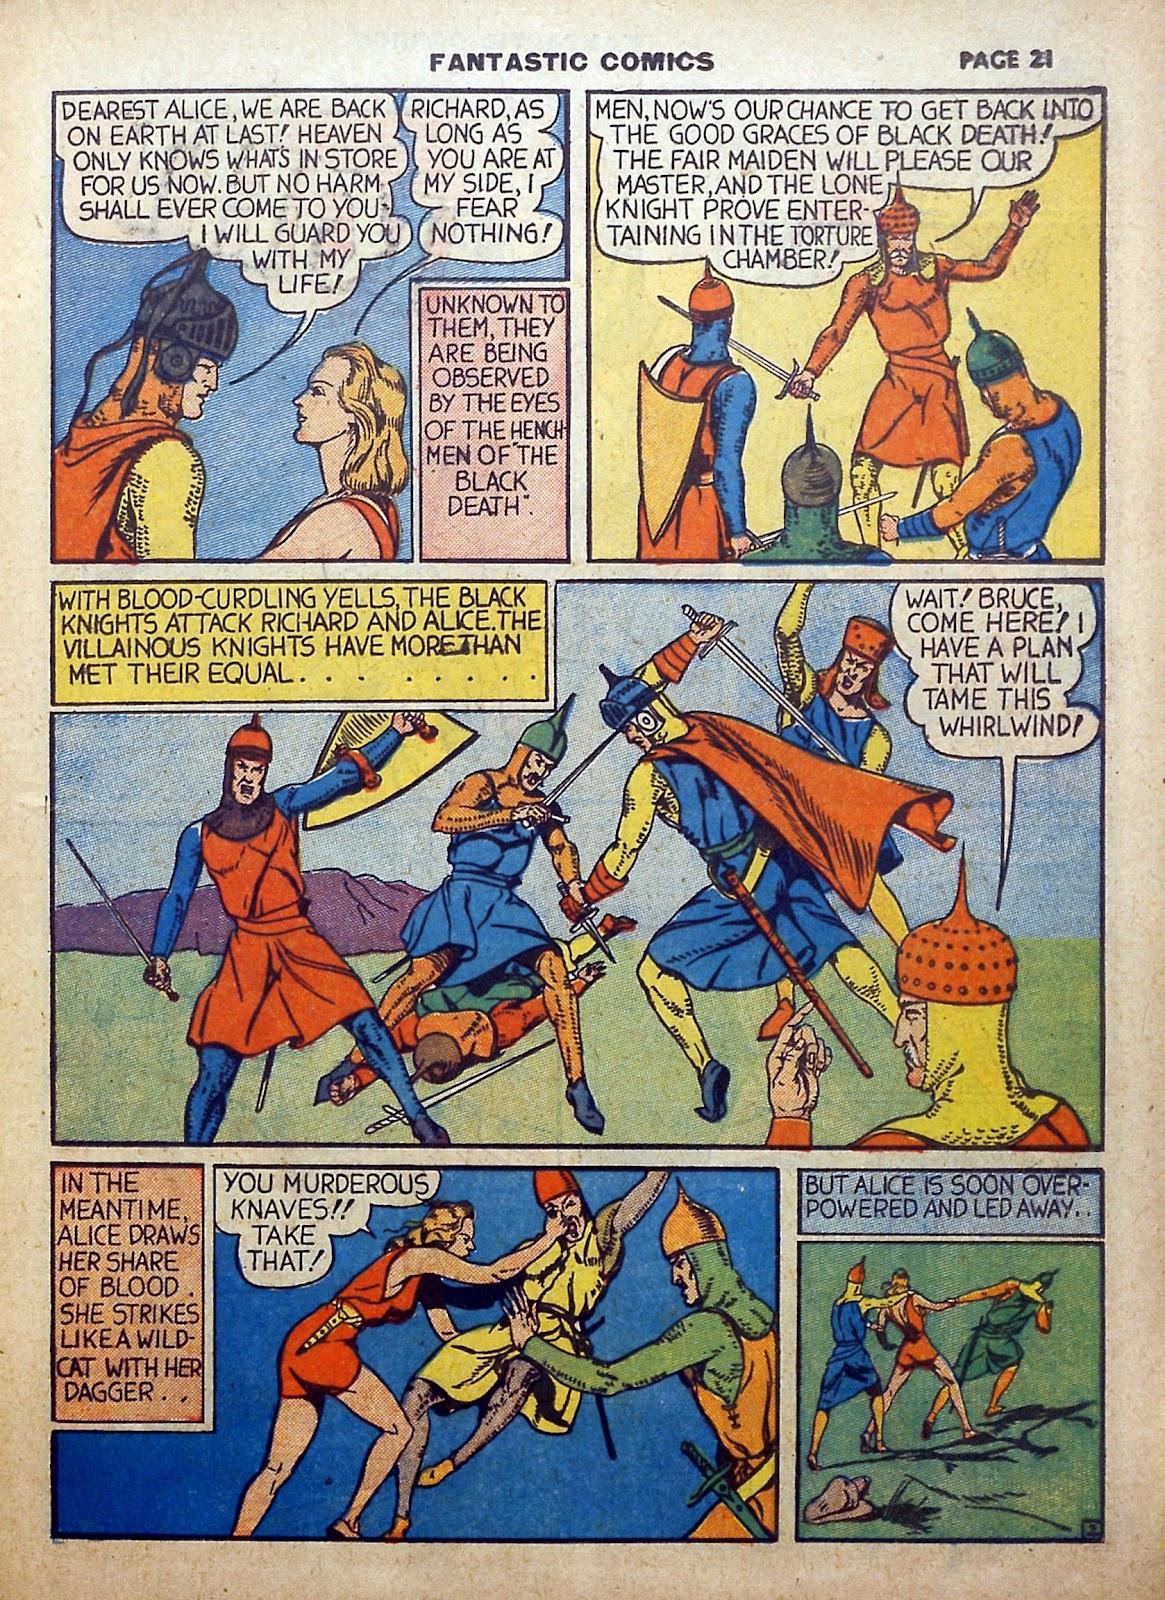 Read online Fantastic Comics comic -  Issue #5 - 22